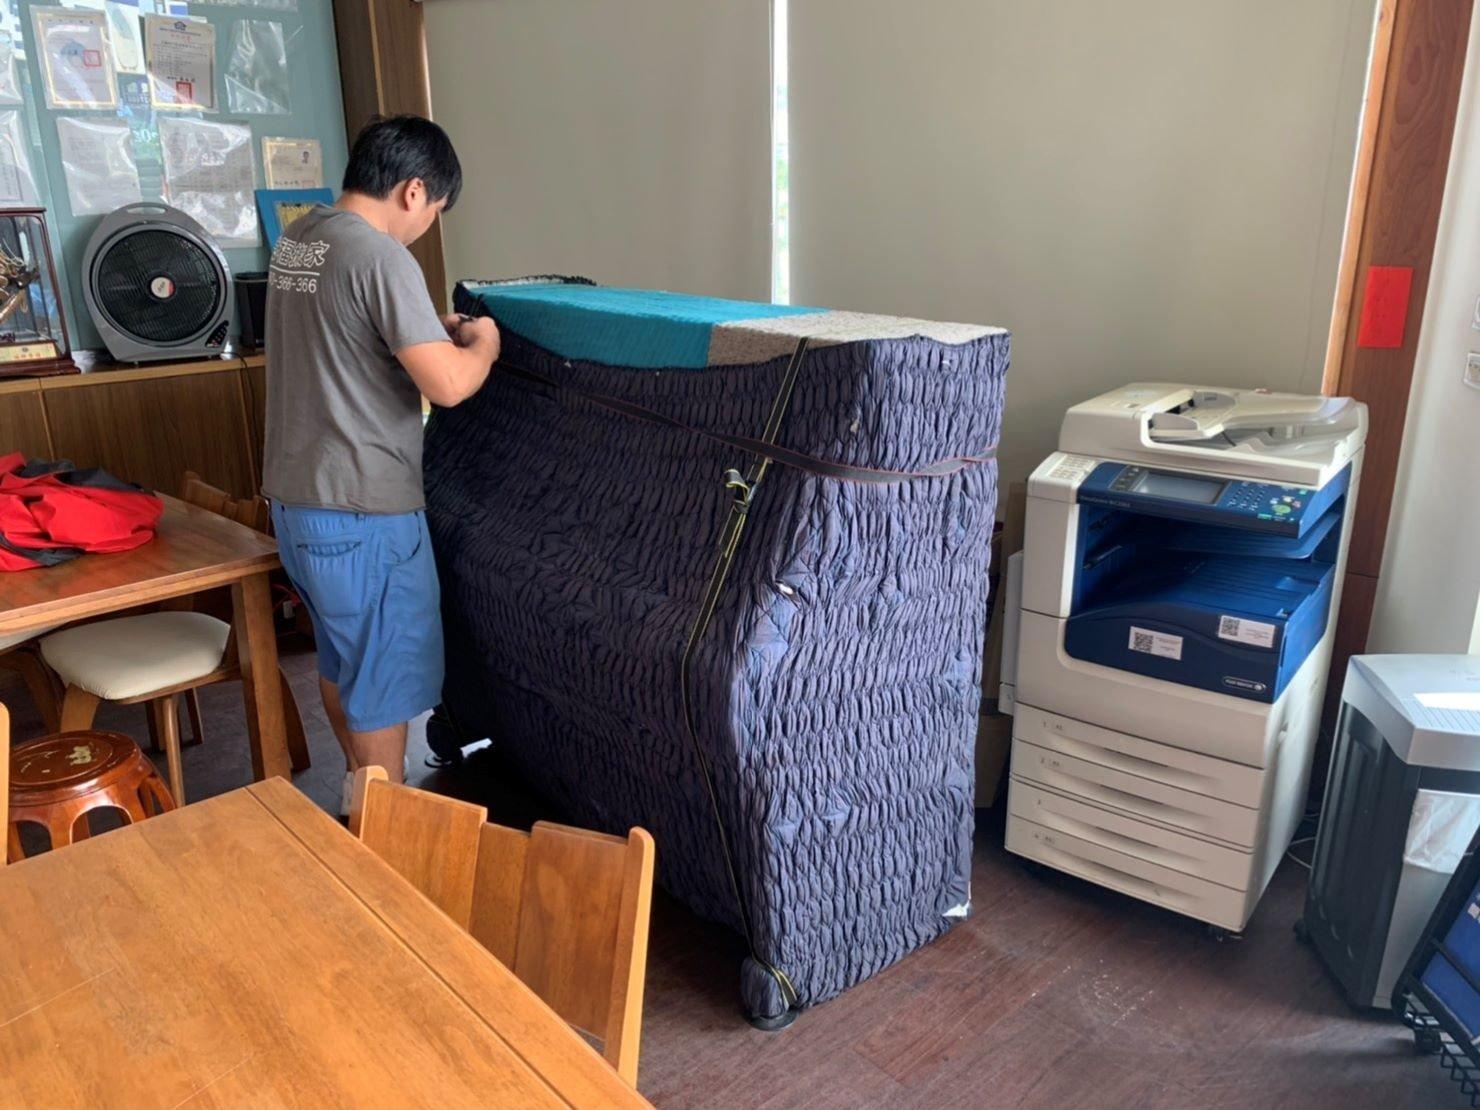 台北搬家公司推薦【榮福搬家公司】搬鋼琴值得您來選擇:Yamaha山葉鋼琴回頭車鋼琴搬運包裝手法與搬家專車鋼琴搬運包裝手法都相同,分派的師傅也都是專搬鋼琴的組別,絕對專業值得信賴。